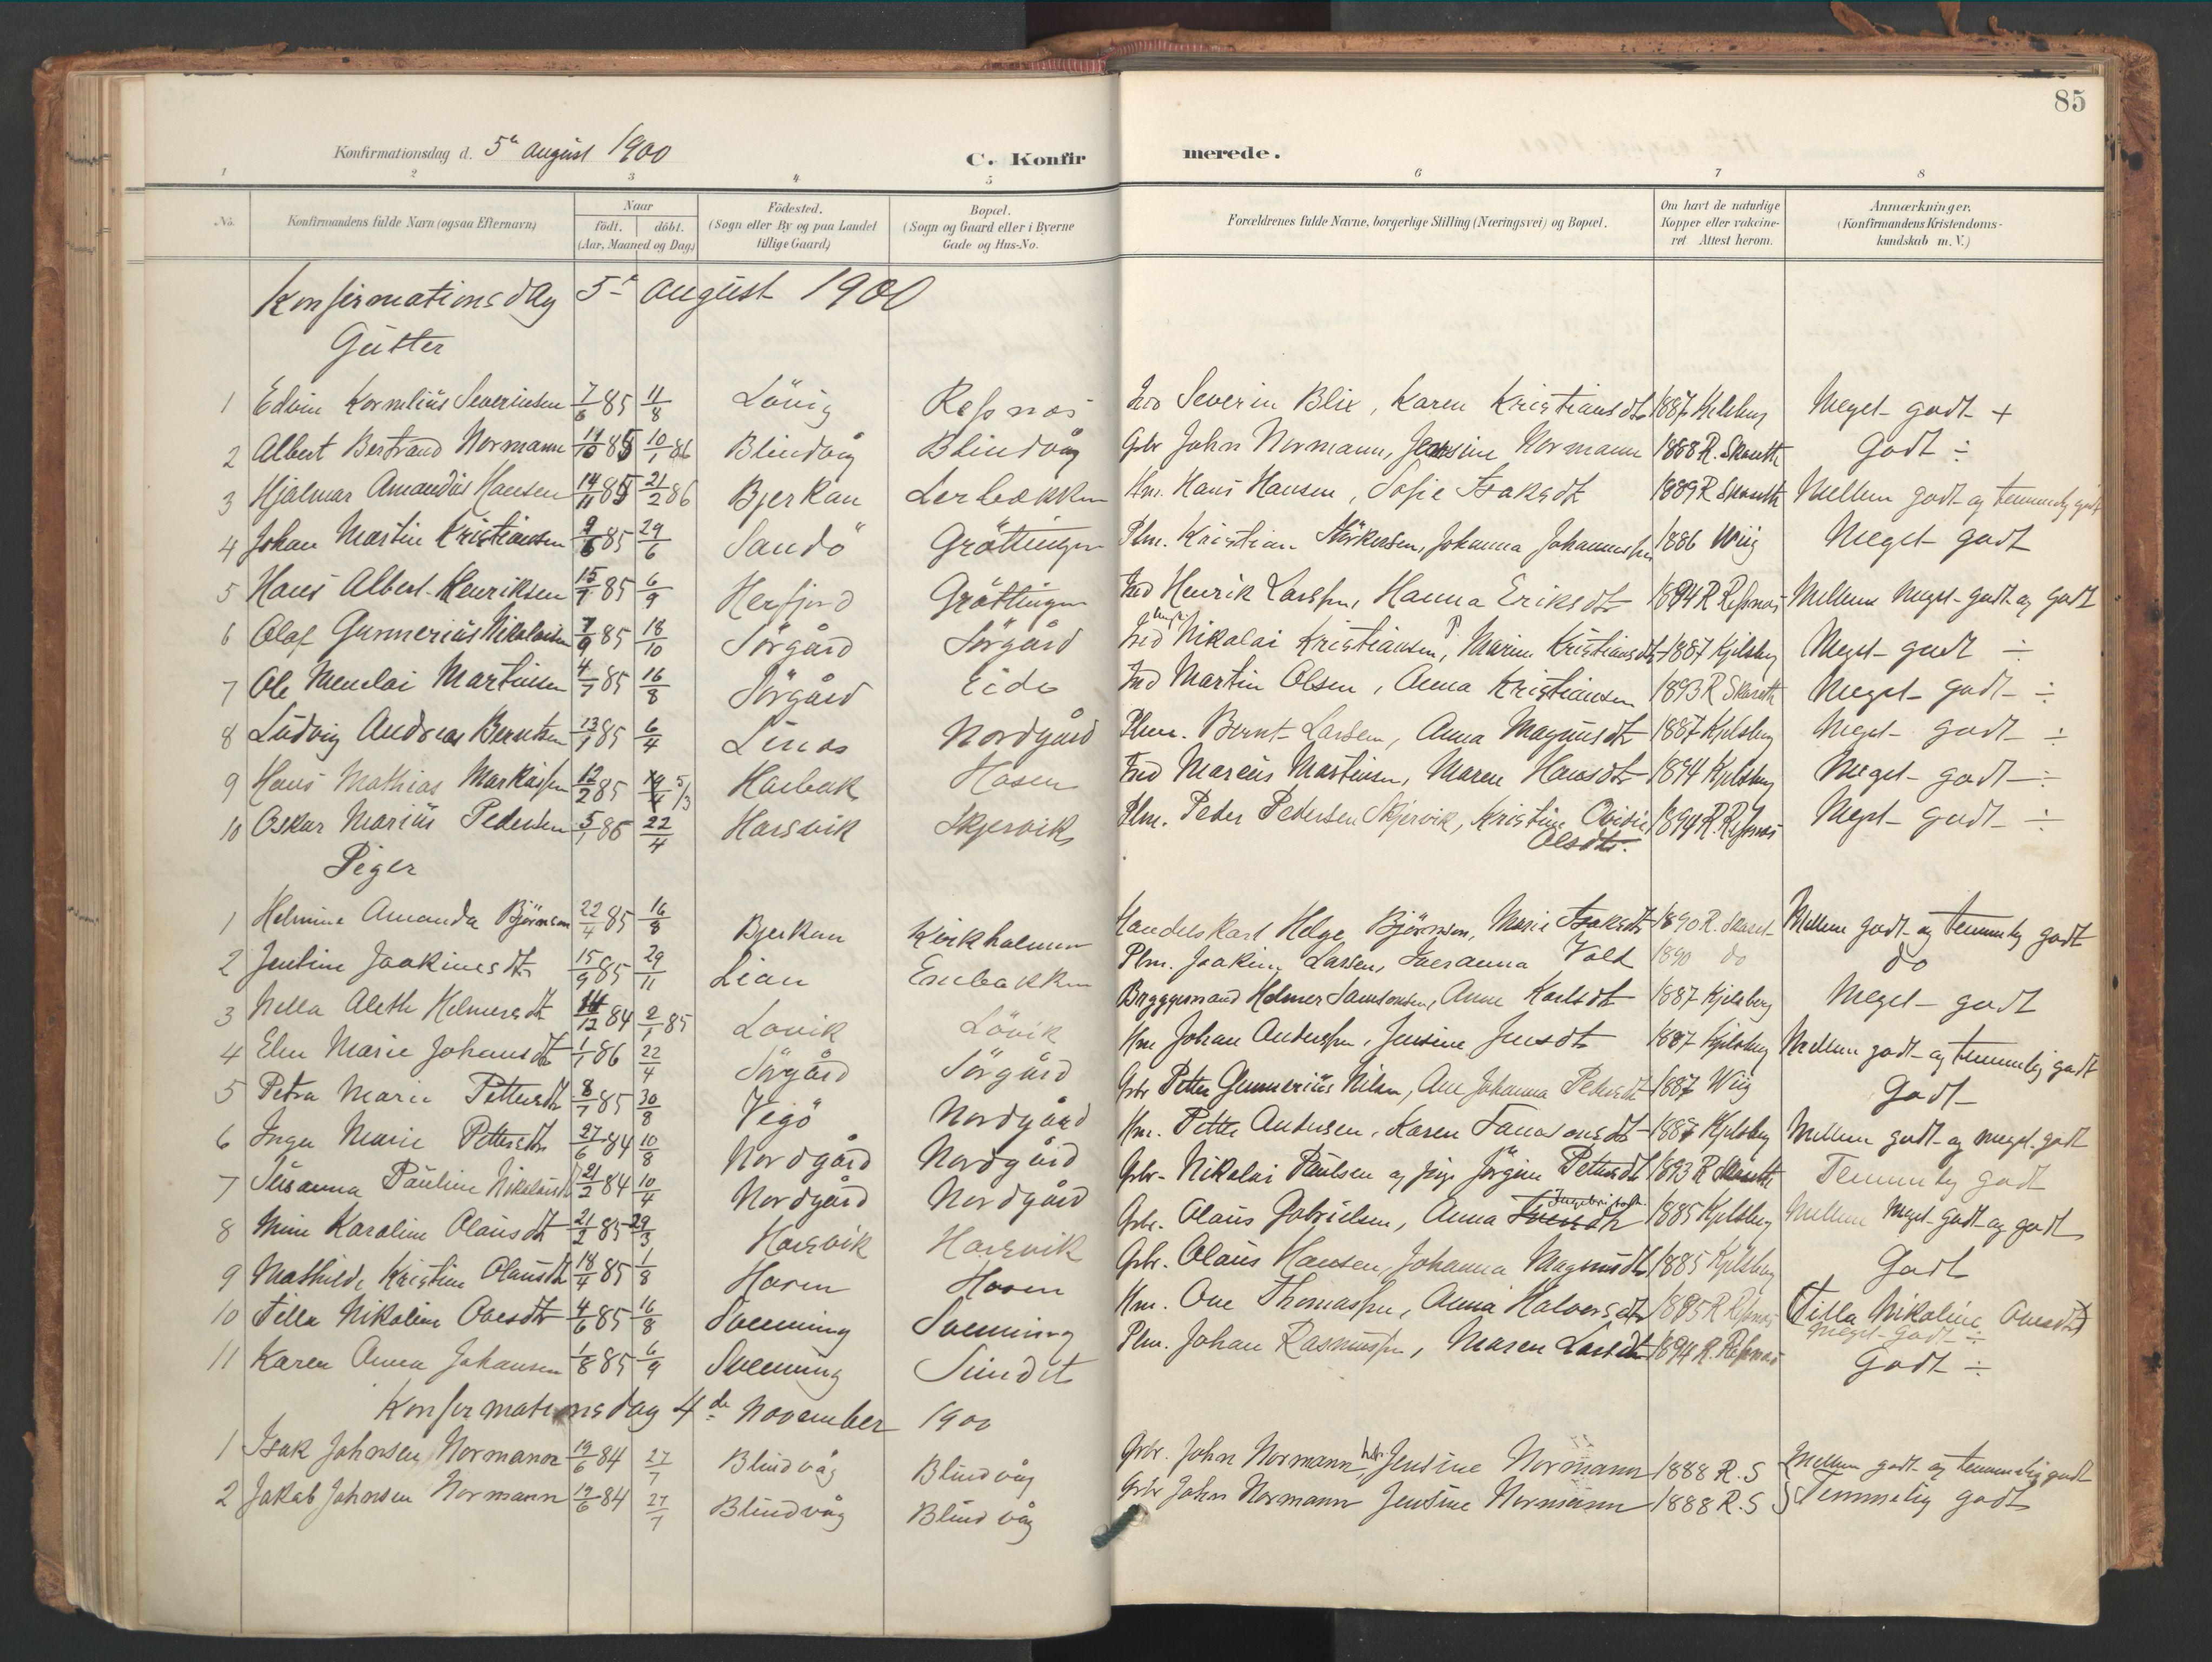 SAT, Ministerialprotokoller, klokkerbøker og fødselsregistre - Sør-Trøndelag, 656/L0693: Ministerialbok nr. 656A02, 1894-1913, s. 85